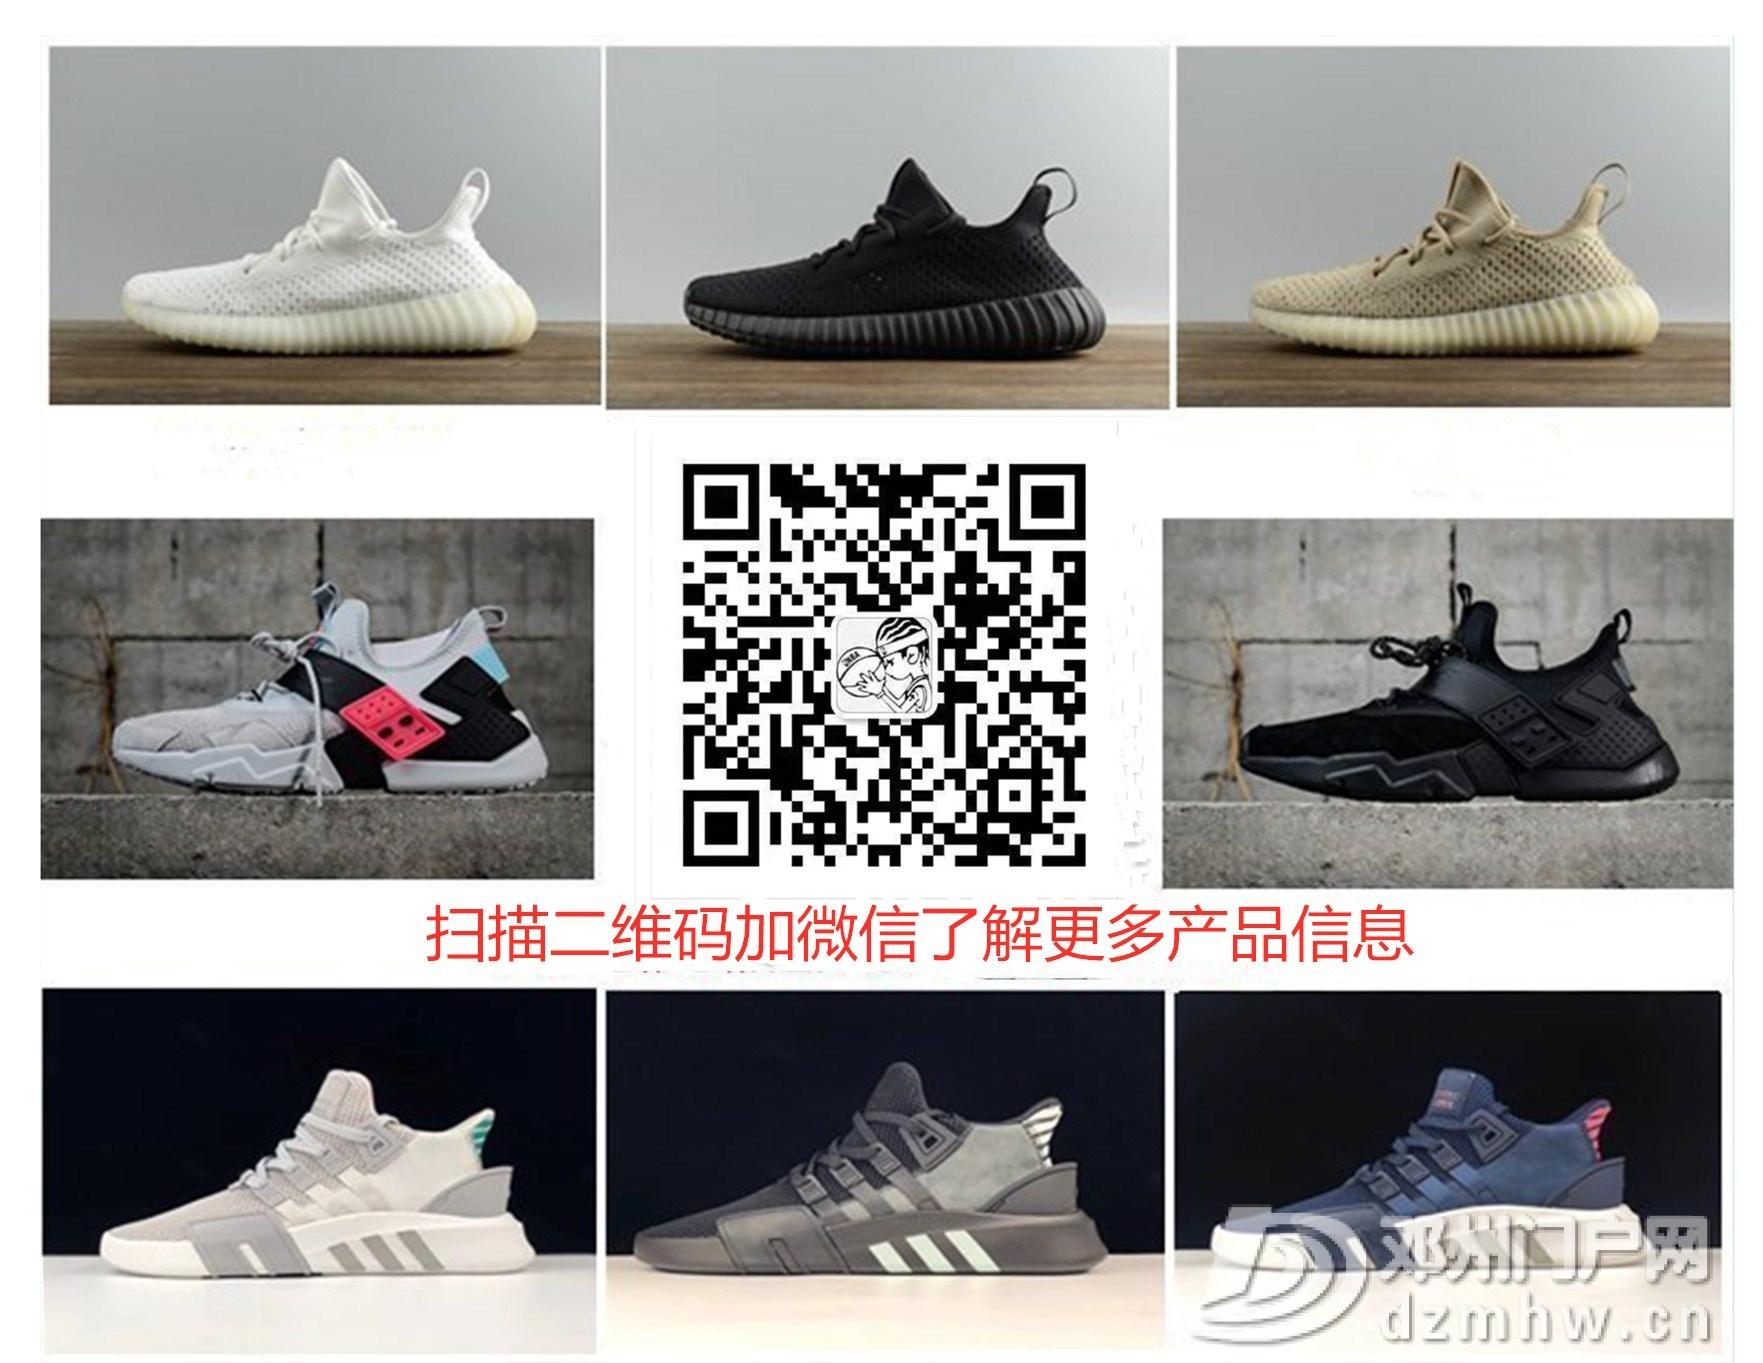 各大品牌酷鞋潮服、独家首发版、限量版、签名版、联名版,明星同款 - 邓州门户网|邓州网 - 2.jpg